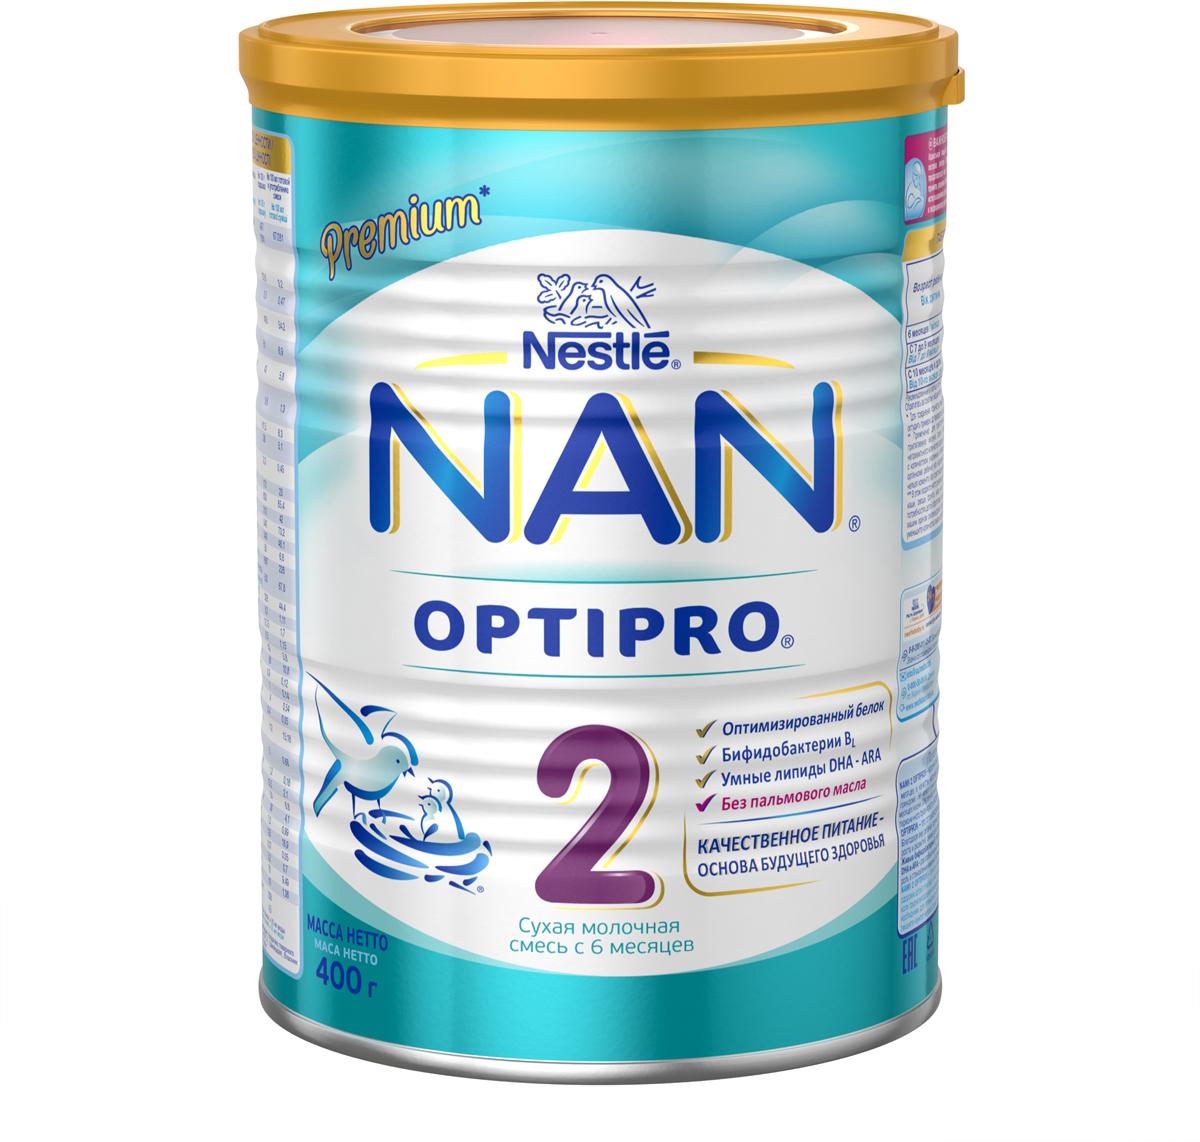 NAN 2 OPTIPRO смесь молочная, с 6 месяцев, 400 г молочная смесь nan гипоаллергенный 2 optipro ha с 6 мес 400 г